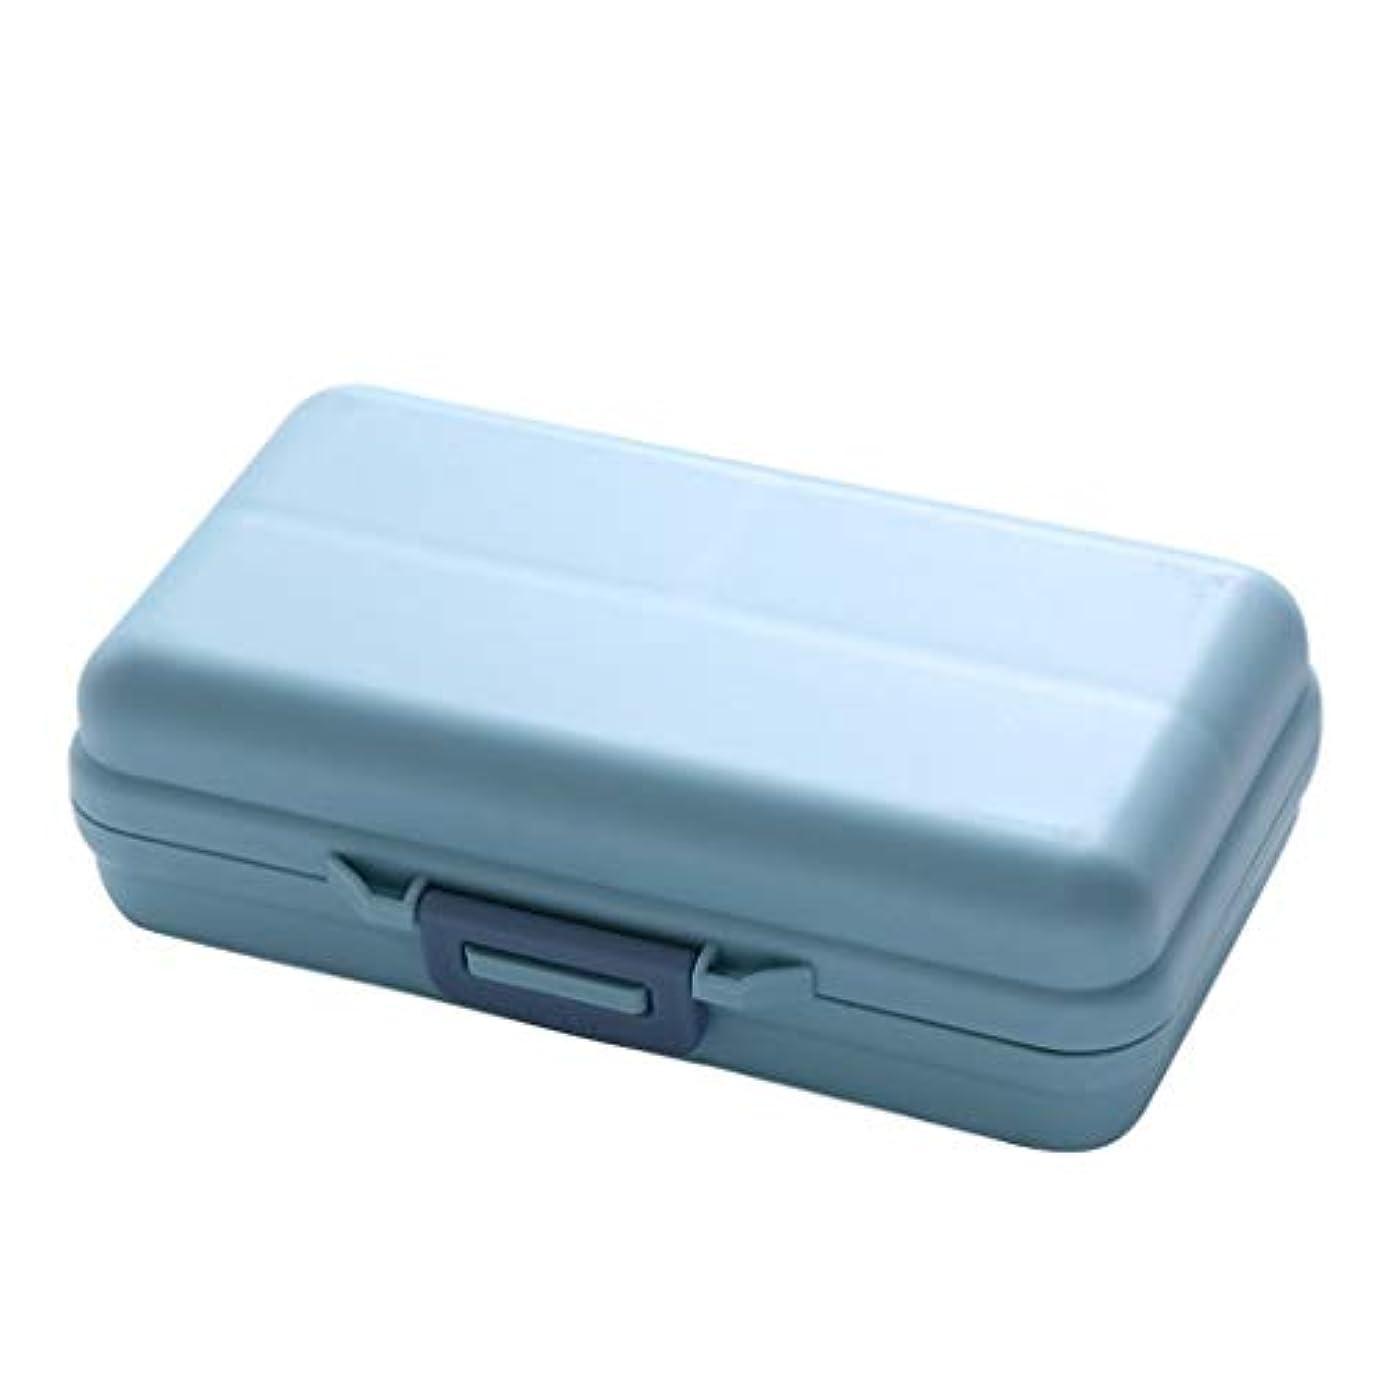 欲求不満育成重くするCQ 防湿密閉式ディスペンシングマルチグリッドボックスポータブルミニウィークスモールピルボックスストレージピルメディシンボックス (Color : Blue/M)